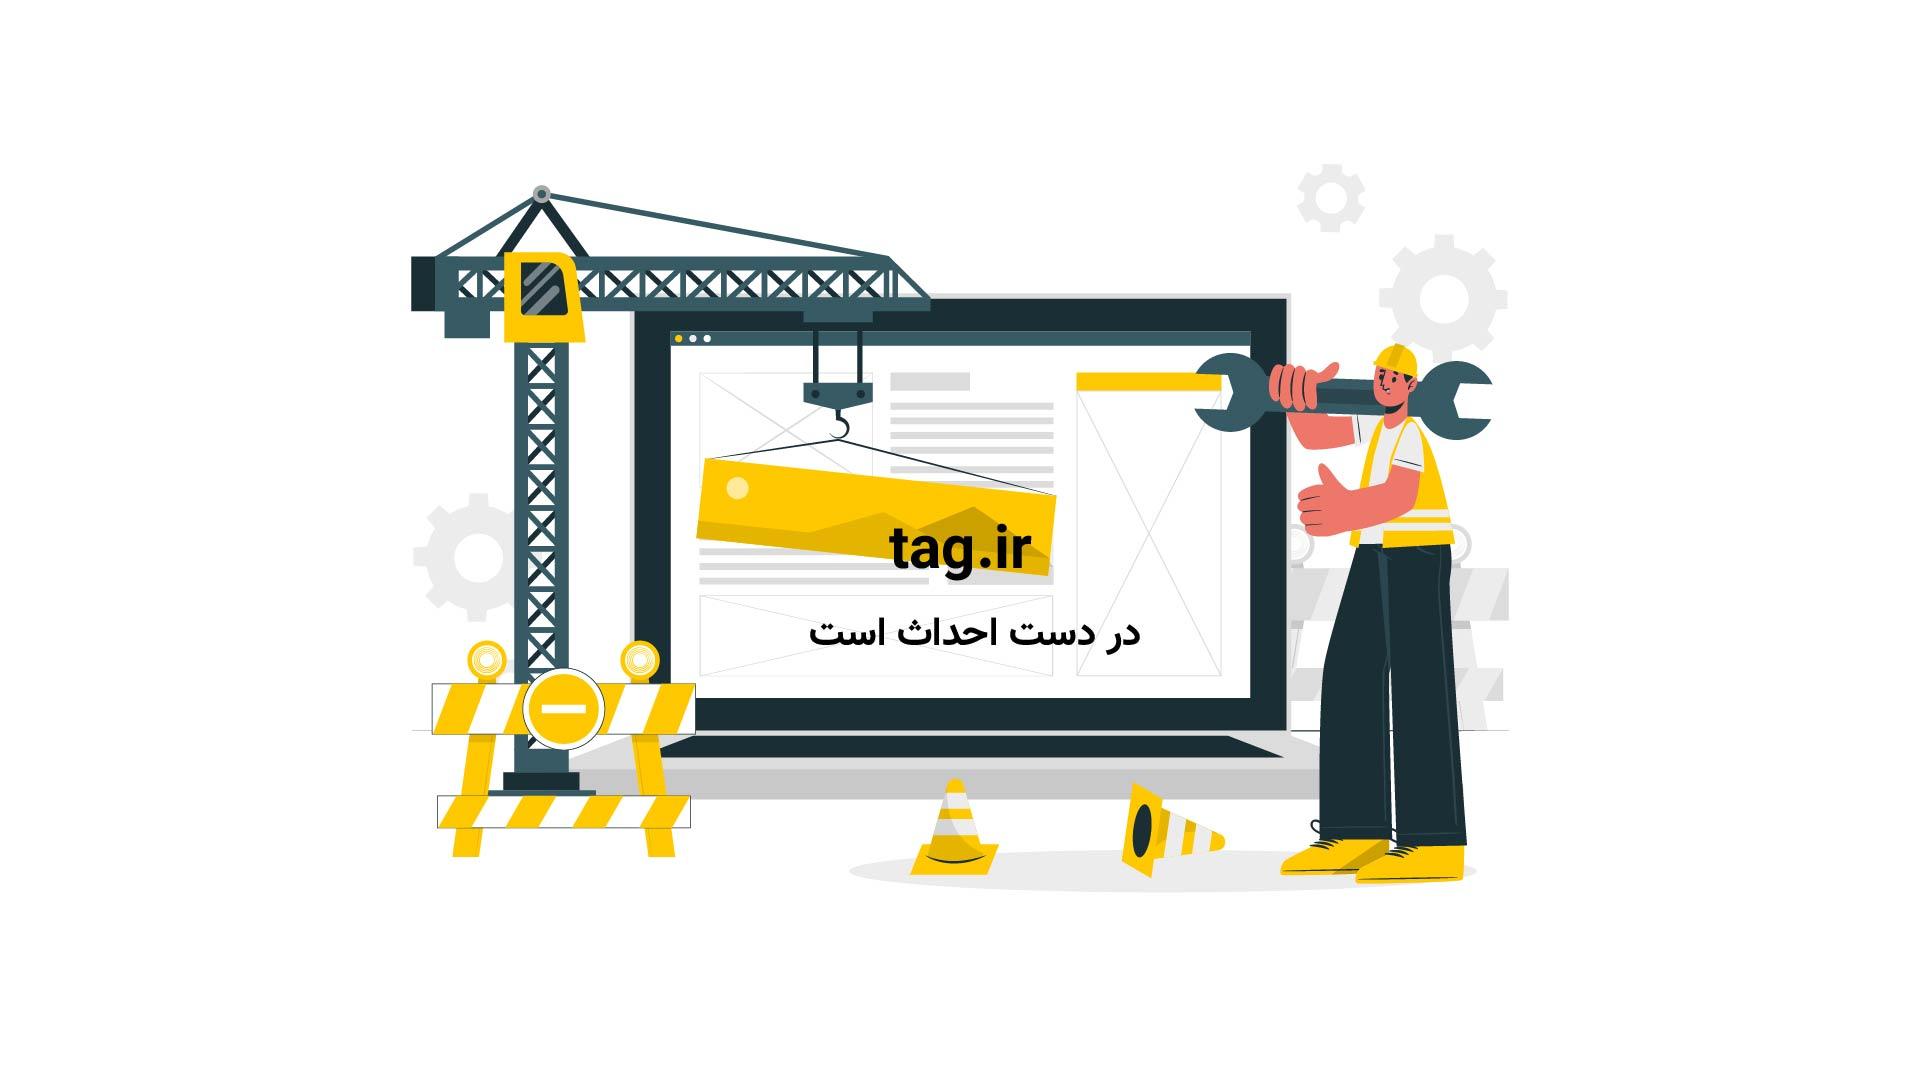 عملیات ناموفق ژاپن در جمعآوری زبالههای فضایی | فیلم